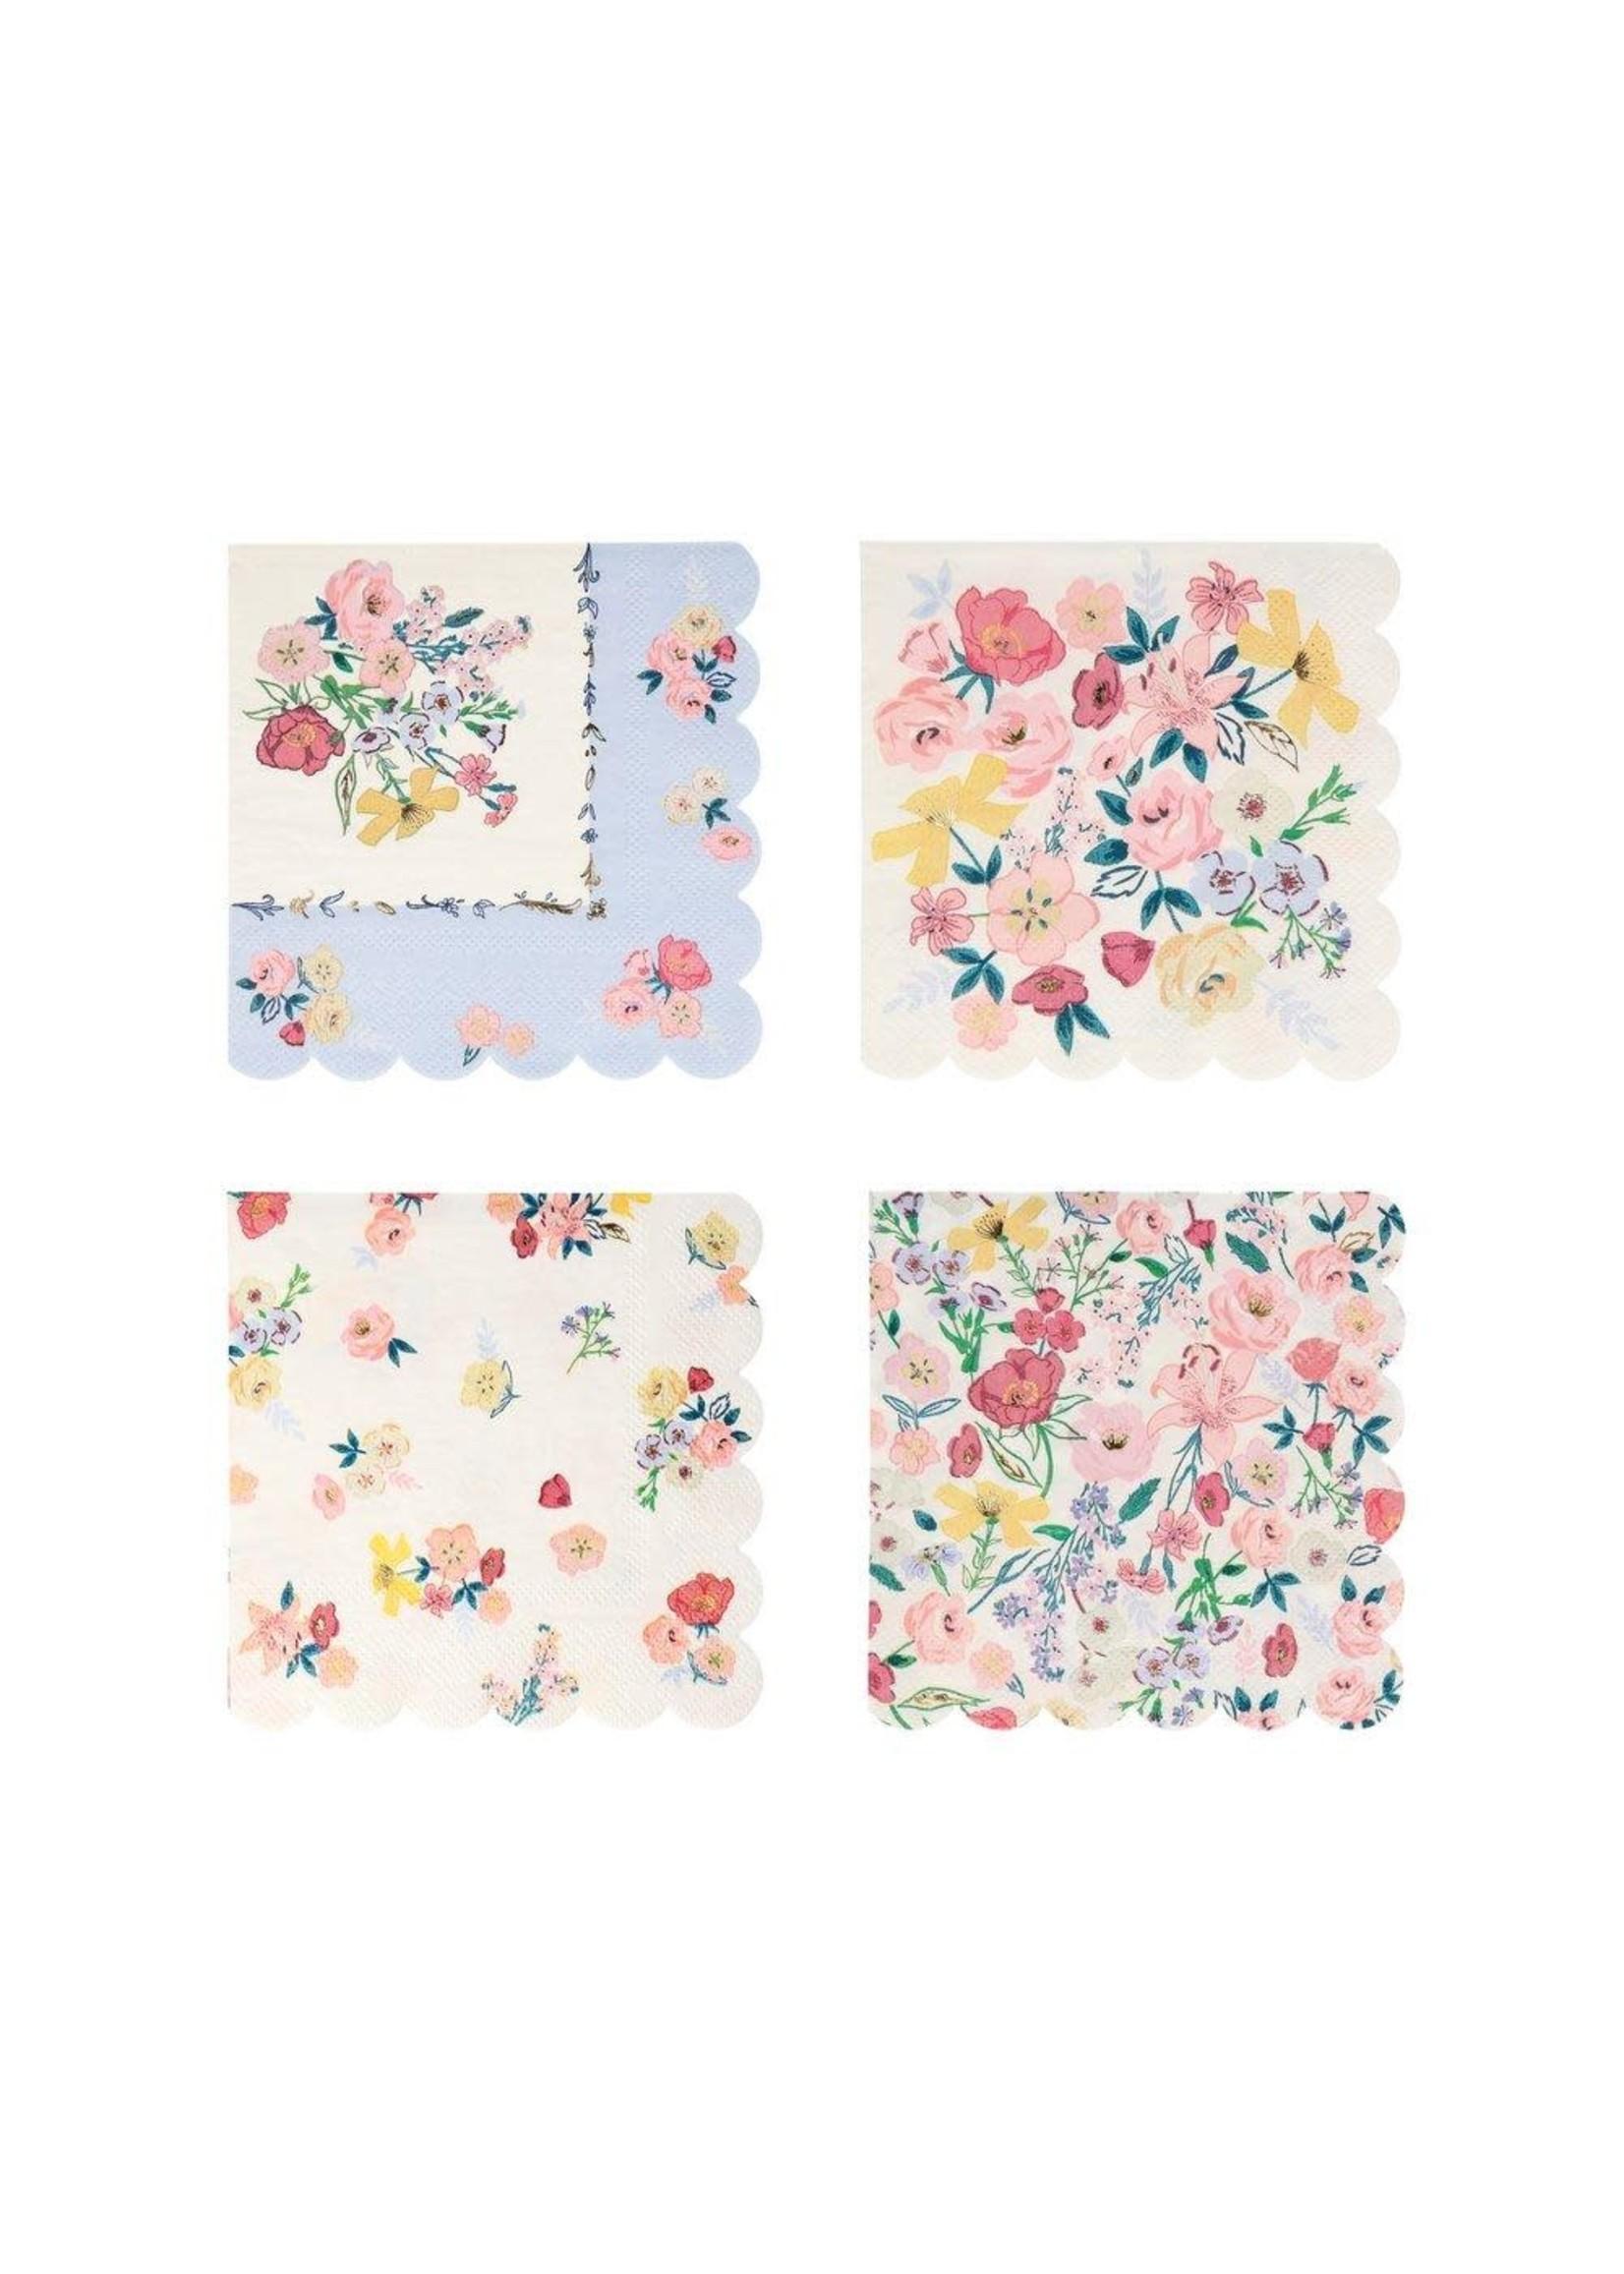 Meri Meri Paper Napkin - English Garden Large